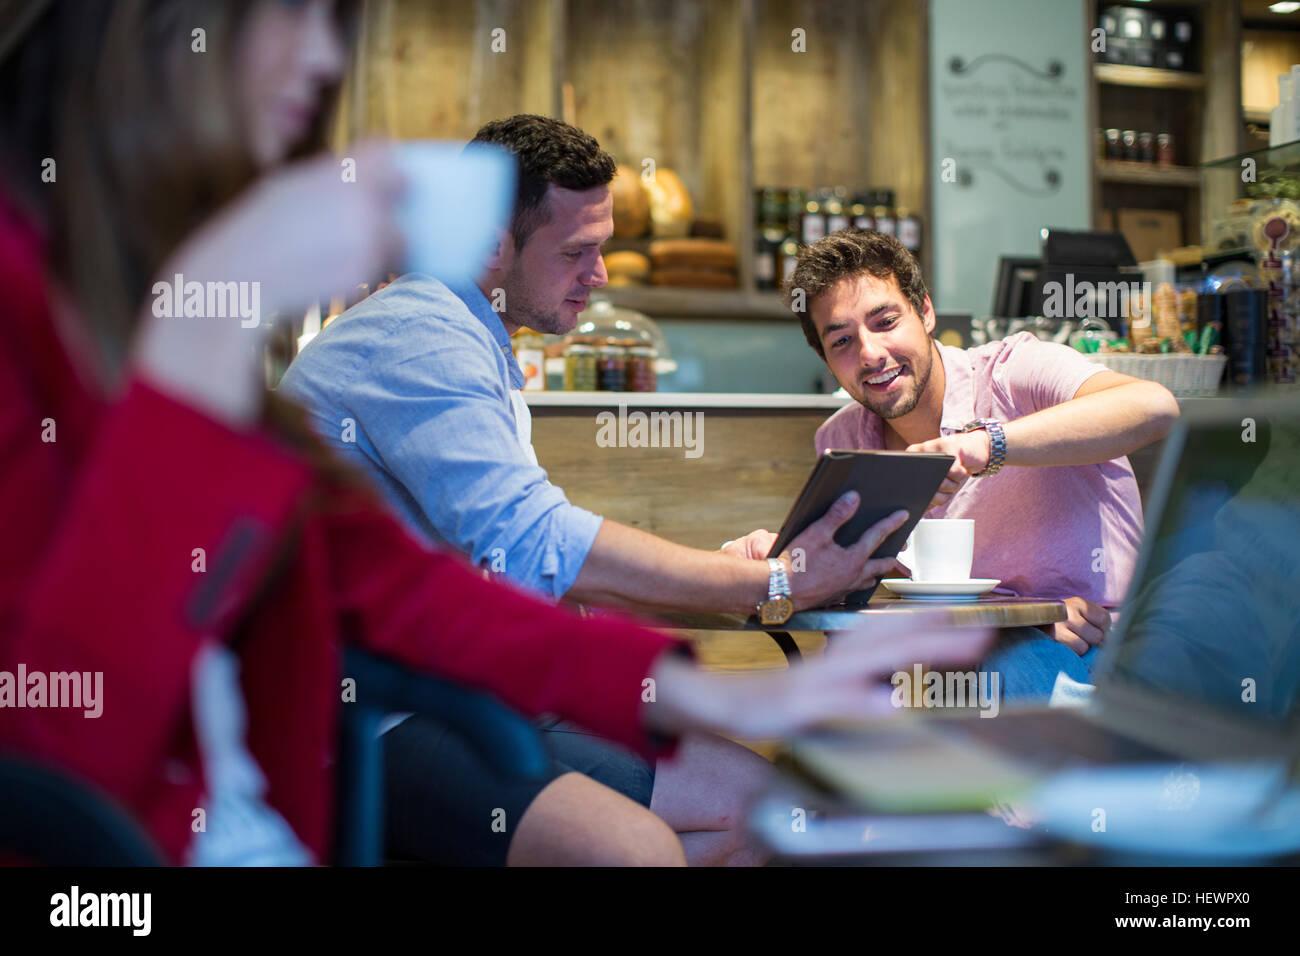 Amigos varones sentados en cafe apuntando a tableta digital Imagen De Stock